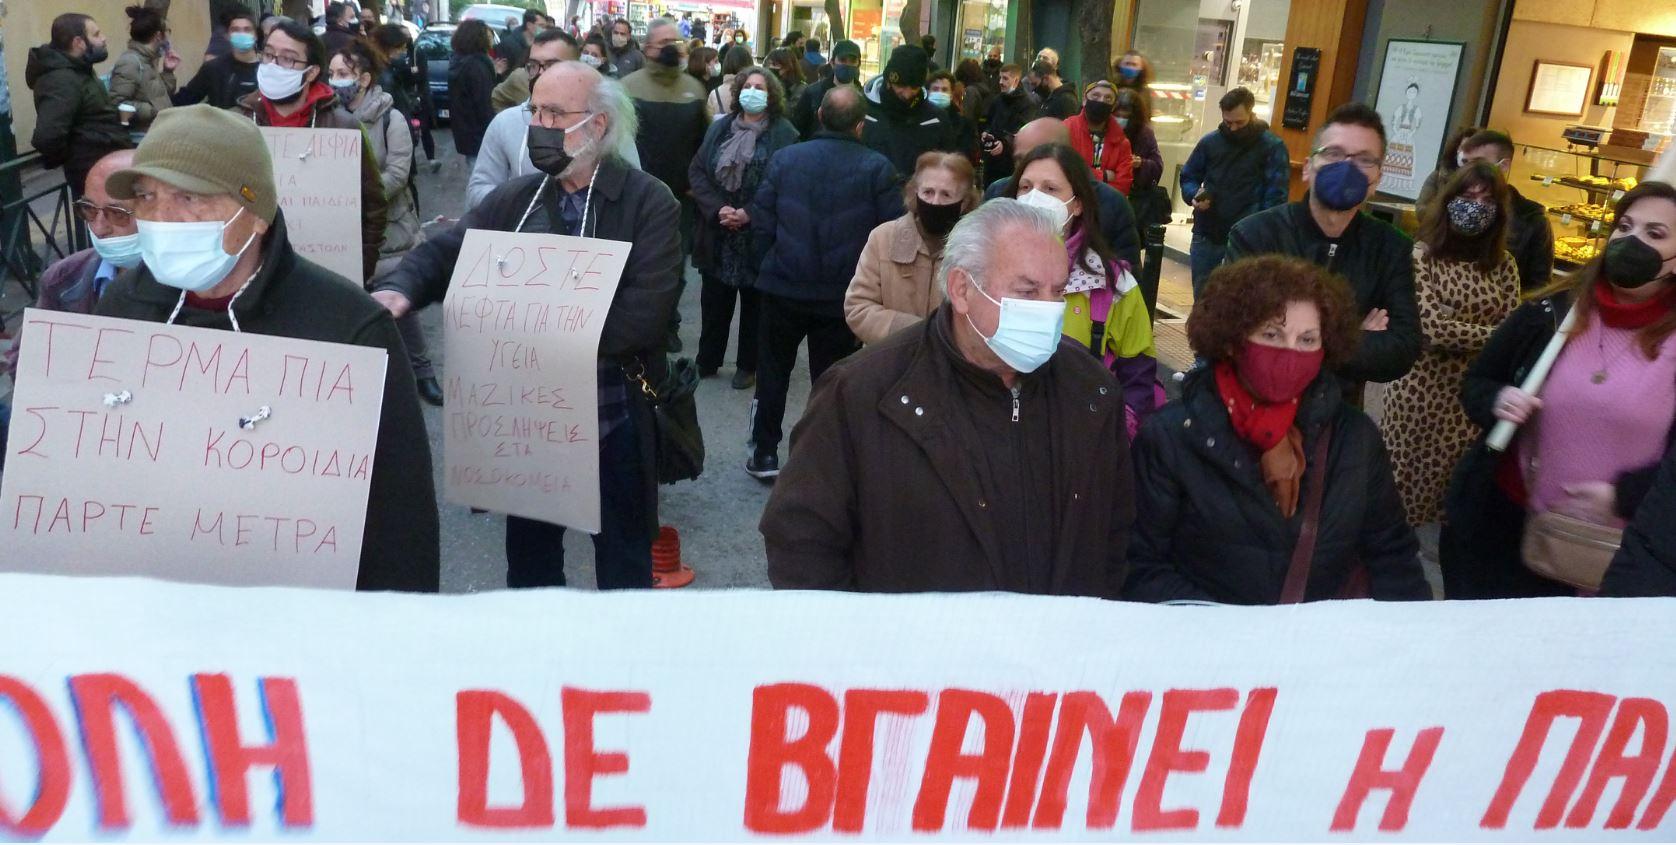 Οι συγκεντρωμένοι έφτασαν στο «Λαϊκό» με πορεία από Ούλωφ Πάλμε & Παπάγου (Ζωγράφου)